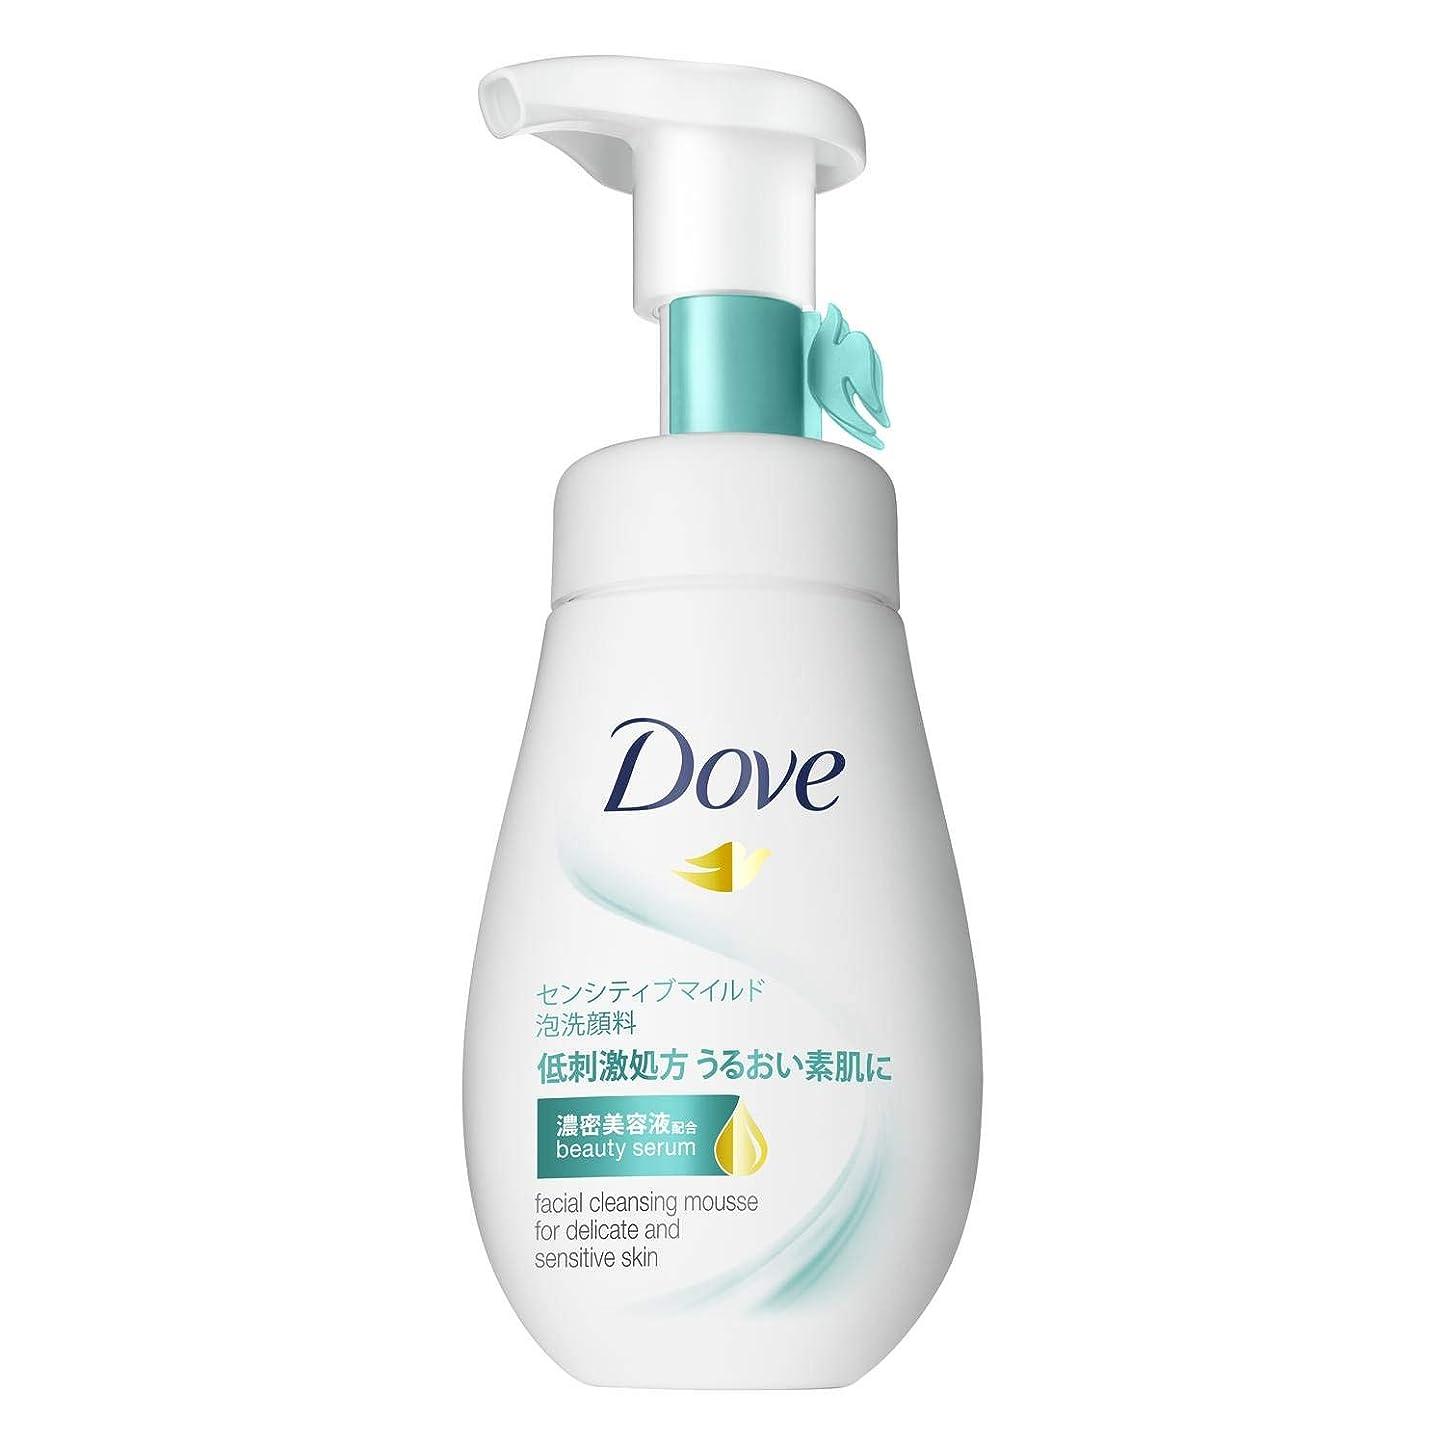 役割エリート利用可能ダヴ センシティブマイルド クリーミー泡洗顔料 敏感肌用 160mL